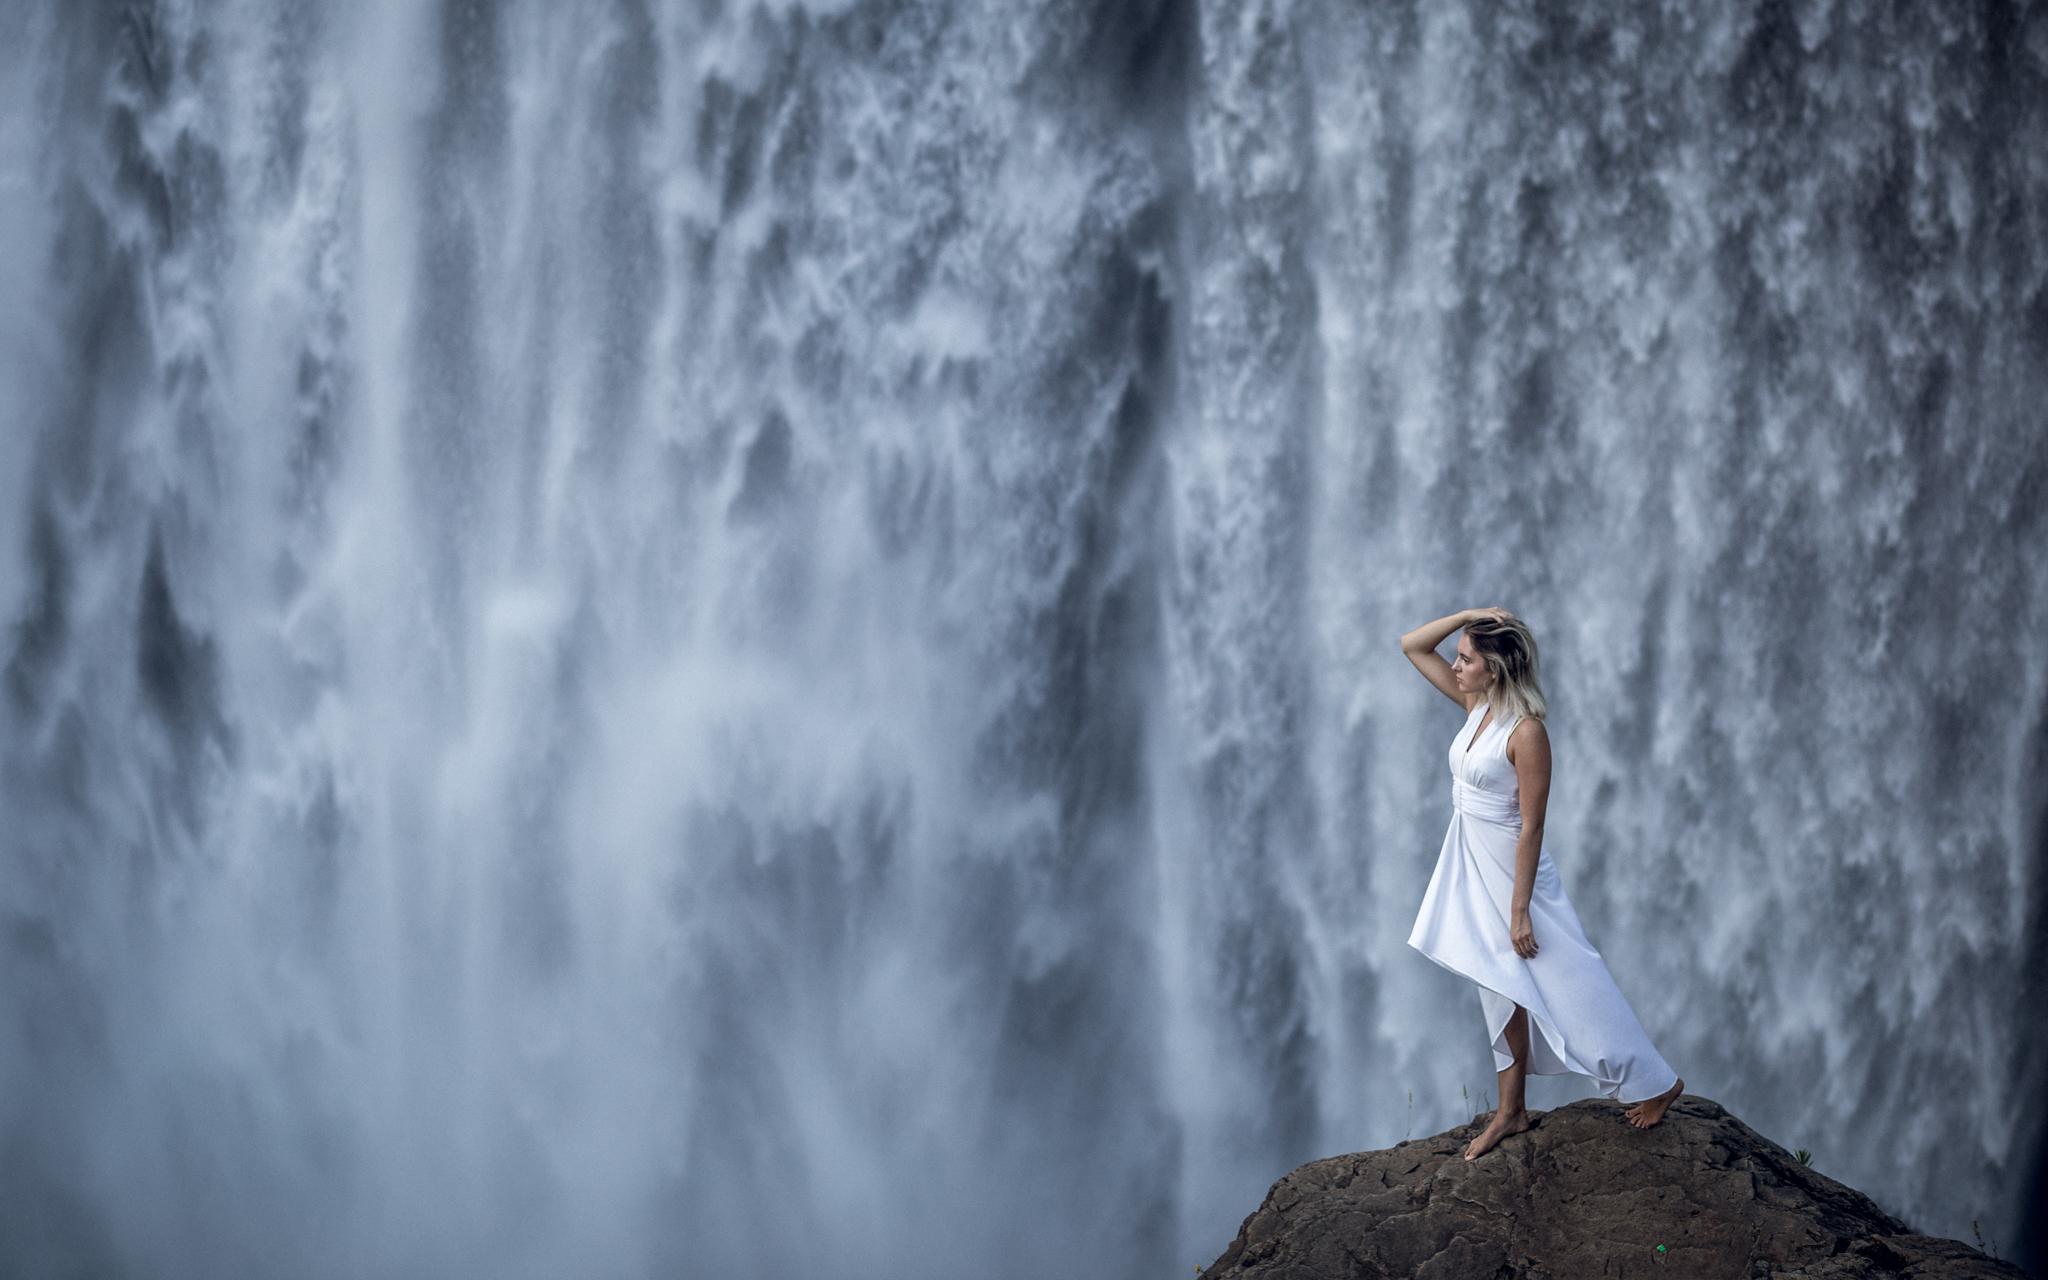 Model: Albina      Camera: Canon EOS 6D Lens: Canon 85mm 1.8 EXIF: 1/320f/2.8 ISO200 Natural light